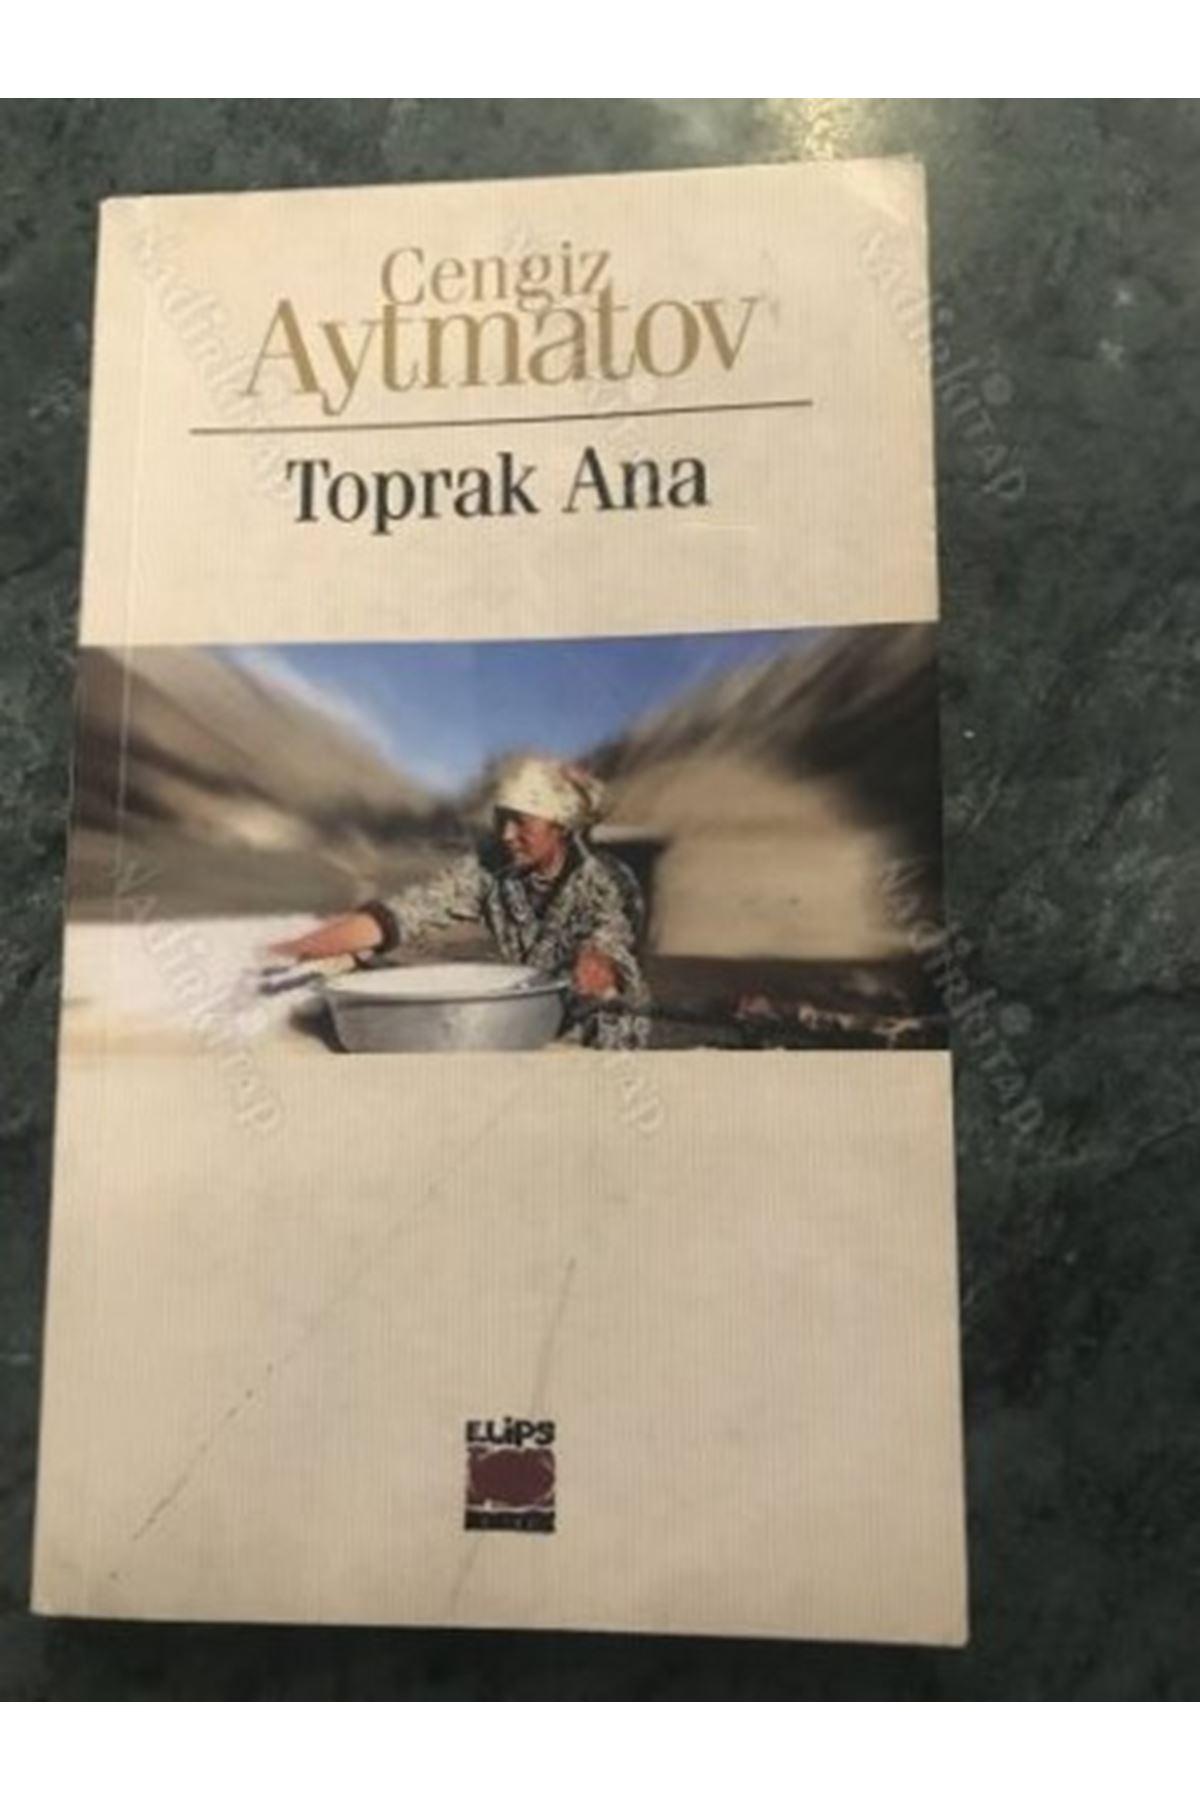 CENGİZ AYTMATOV - TOPRAK ANA